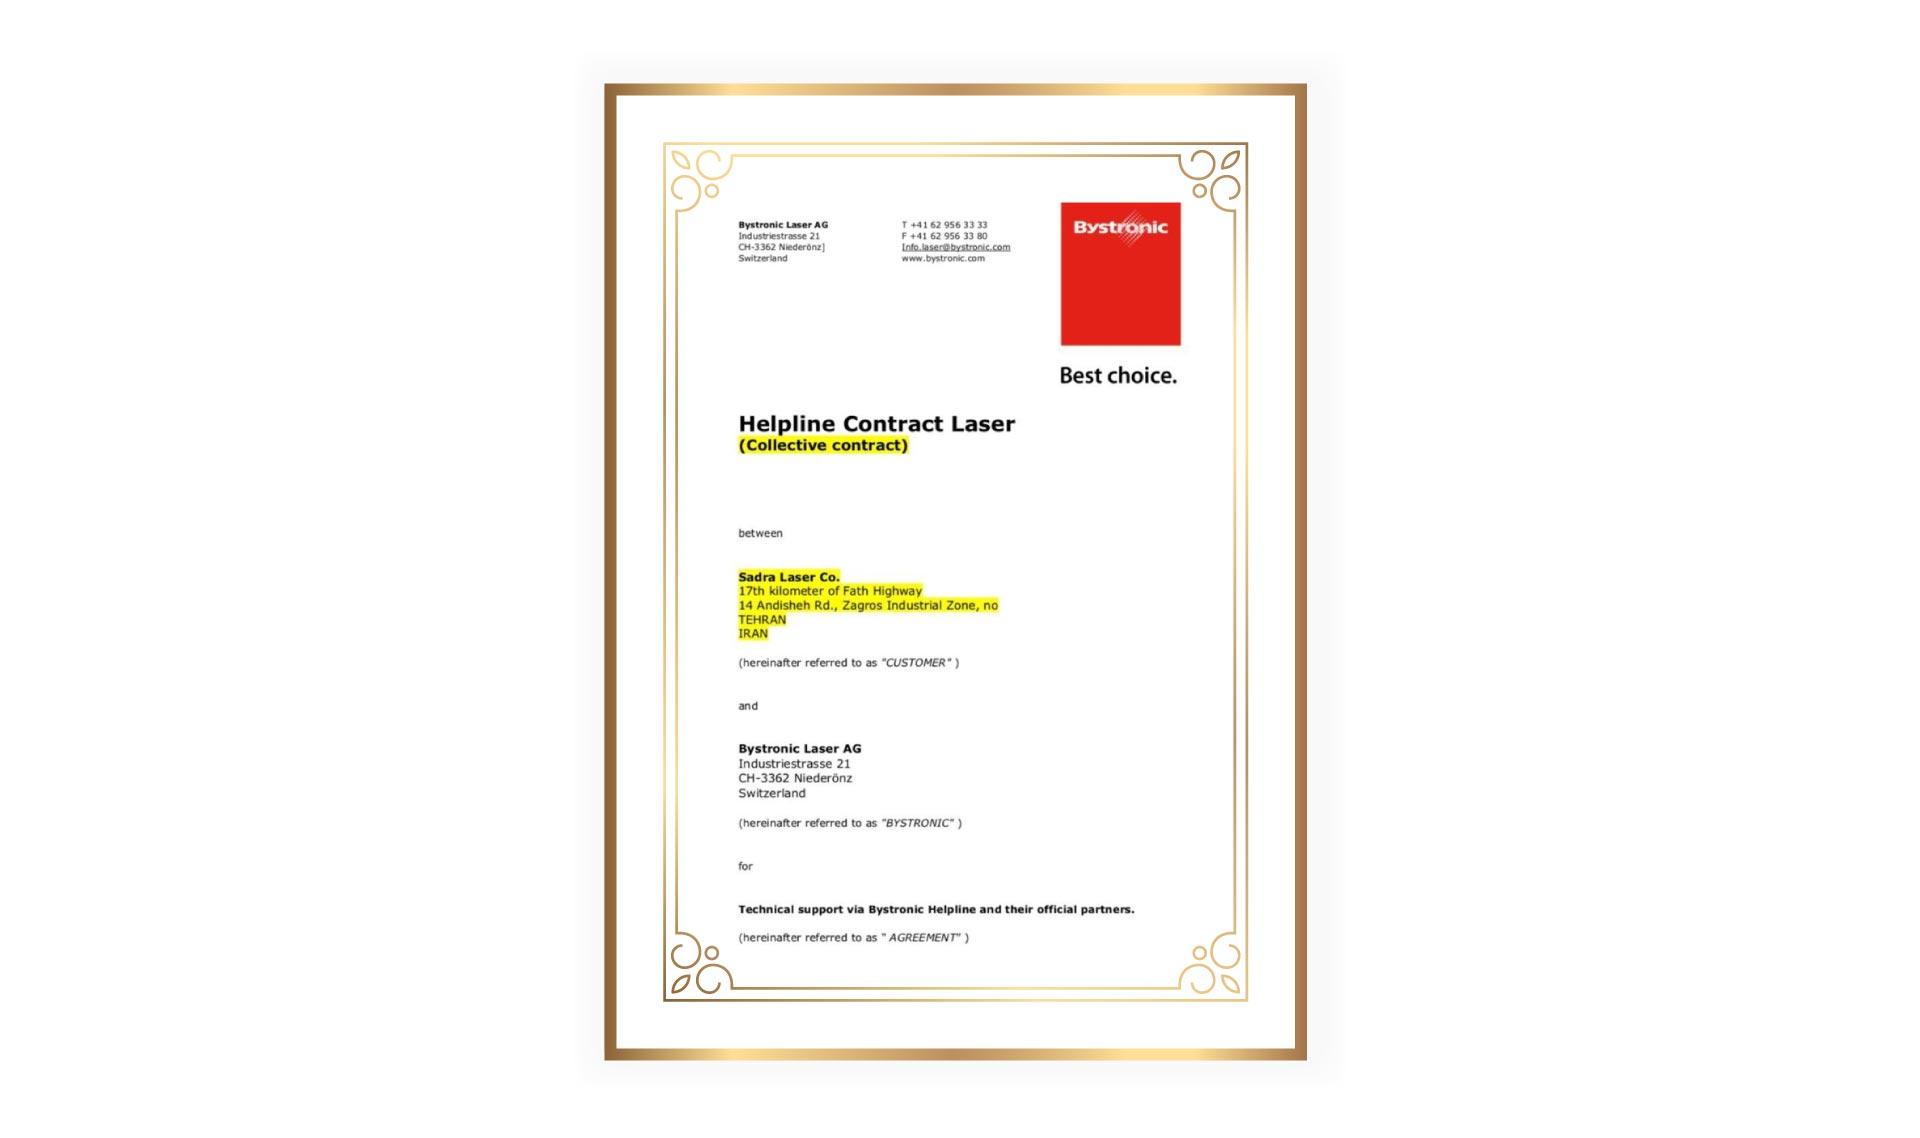 گواهی کیفیت مجموعه صدرا لیزر از کمپانی بیسترونیک